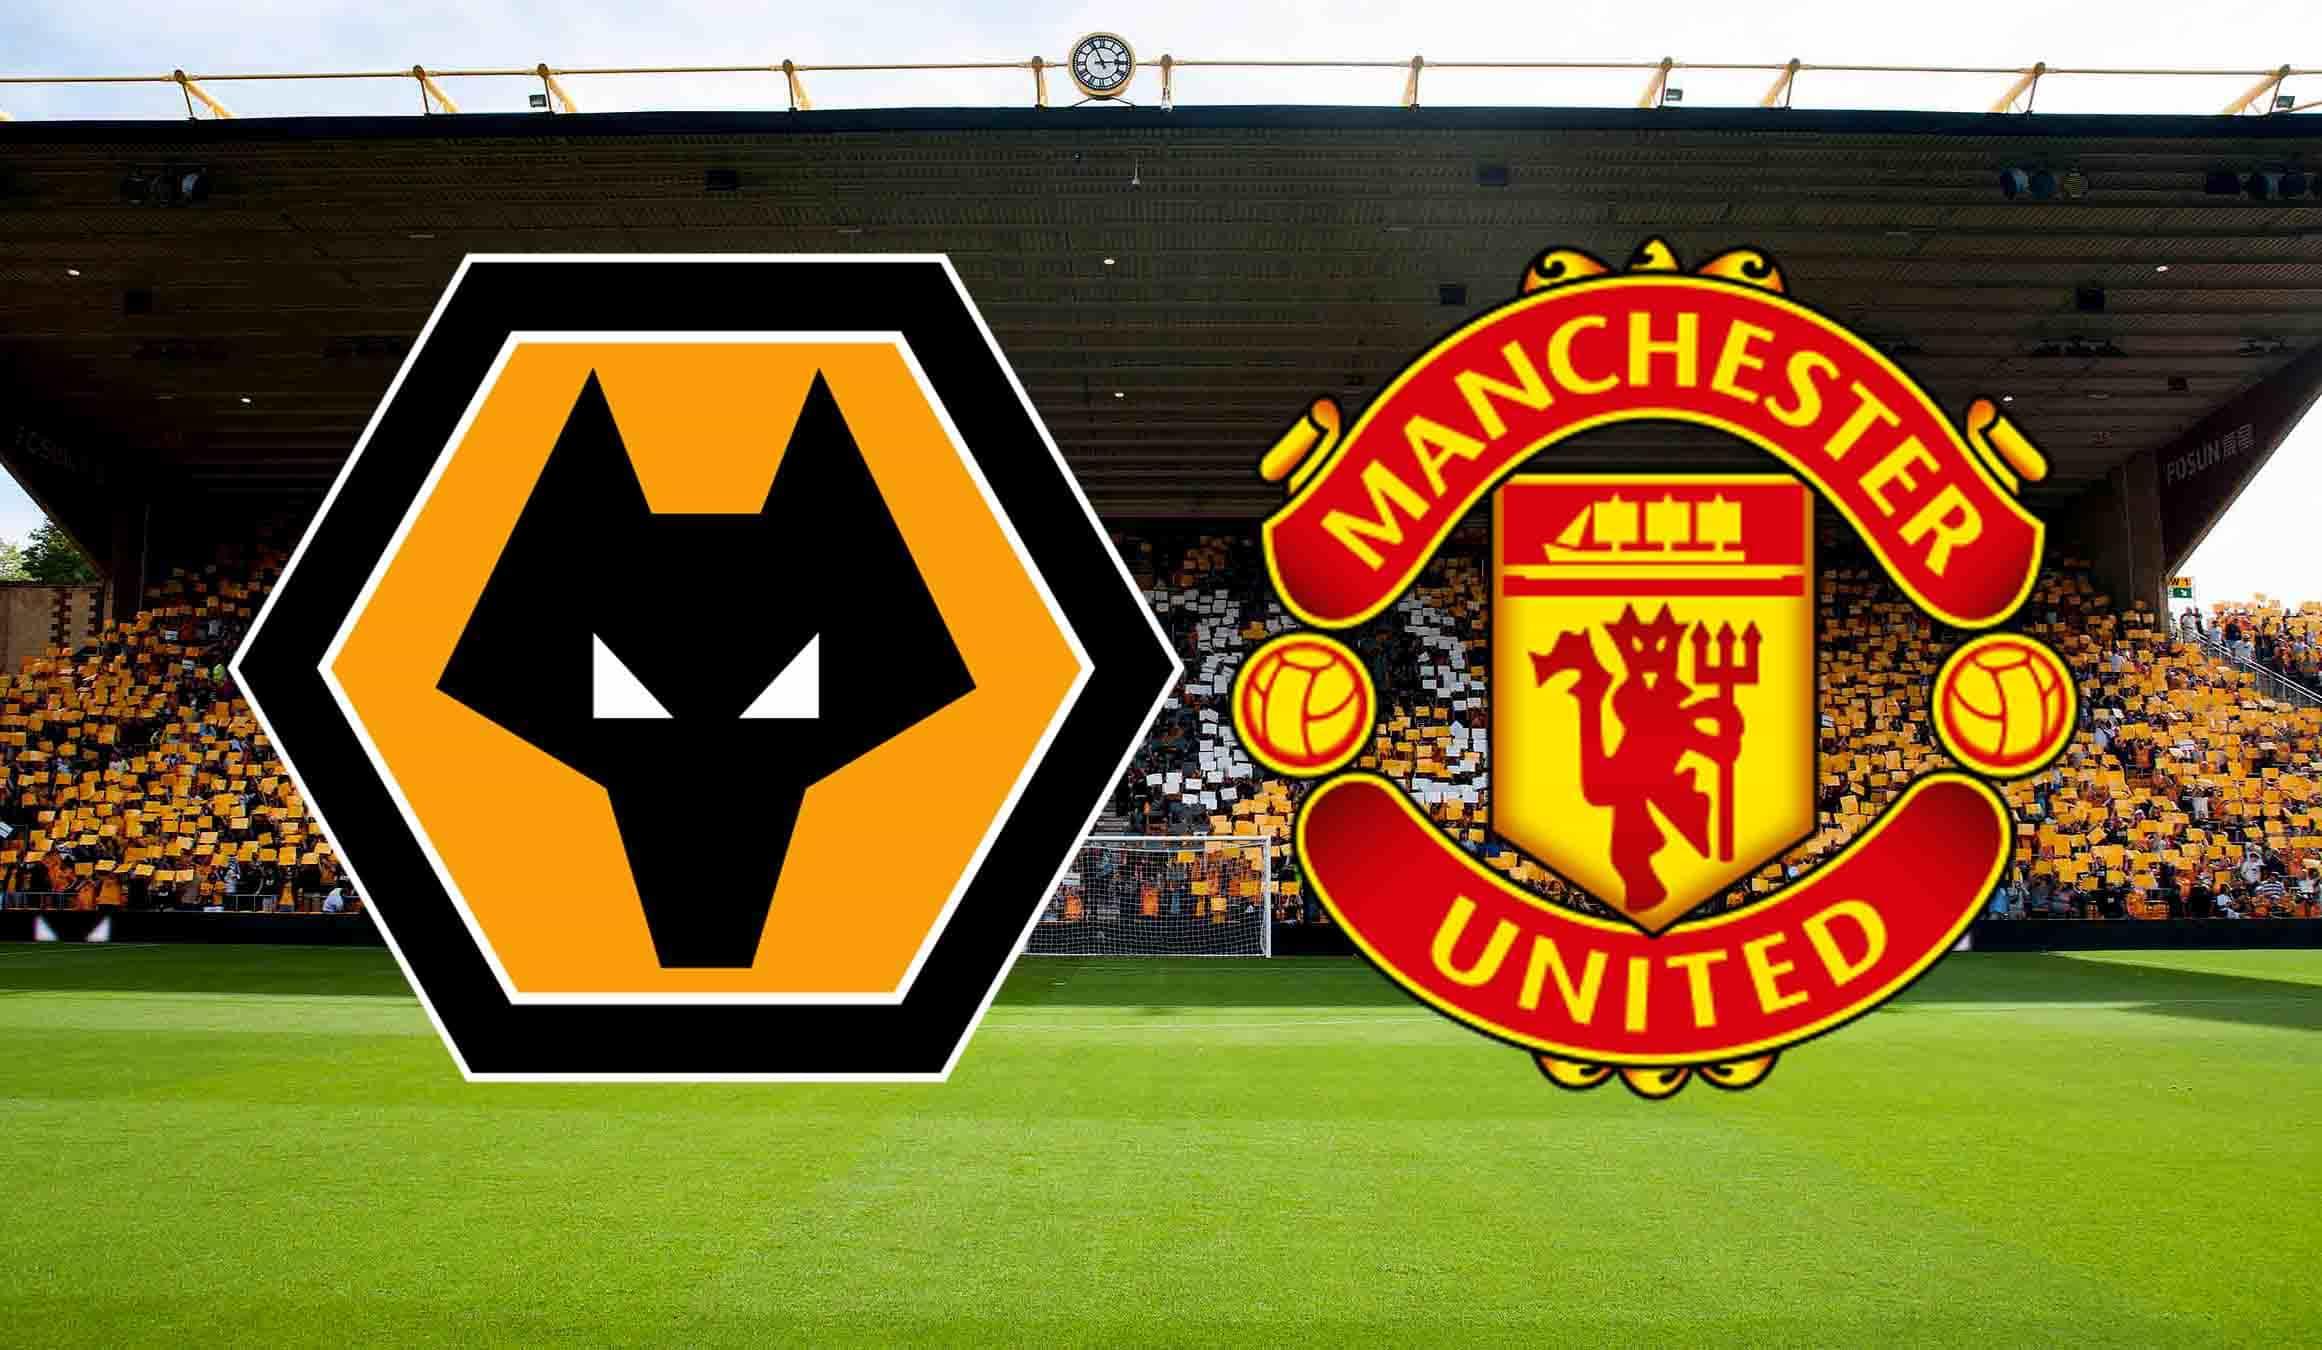 Прогноз Вулверхэмптон-Манчестер Юнайтед 4 января